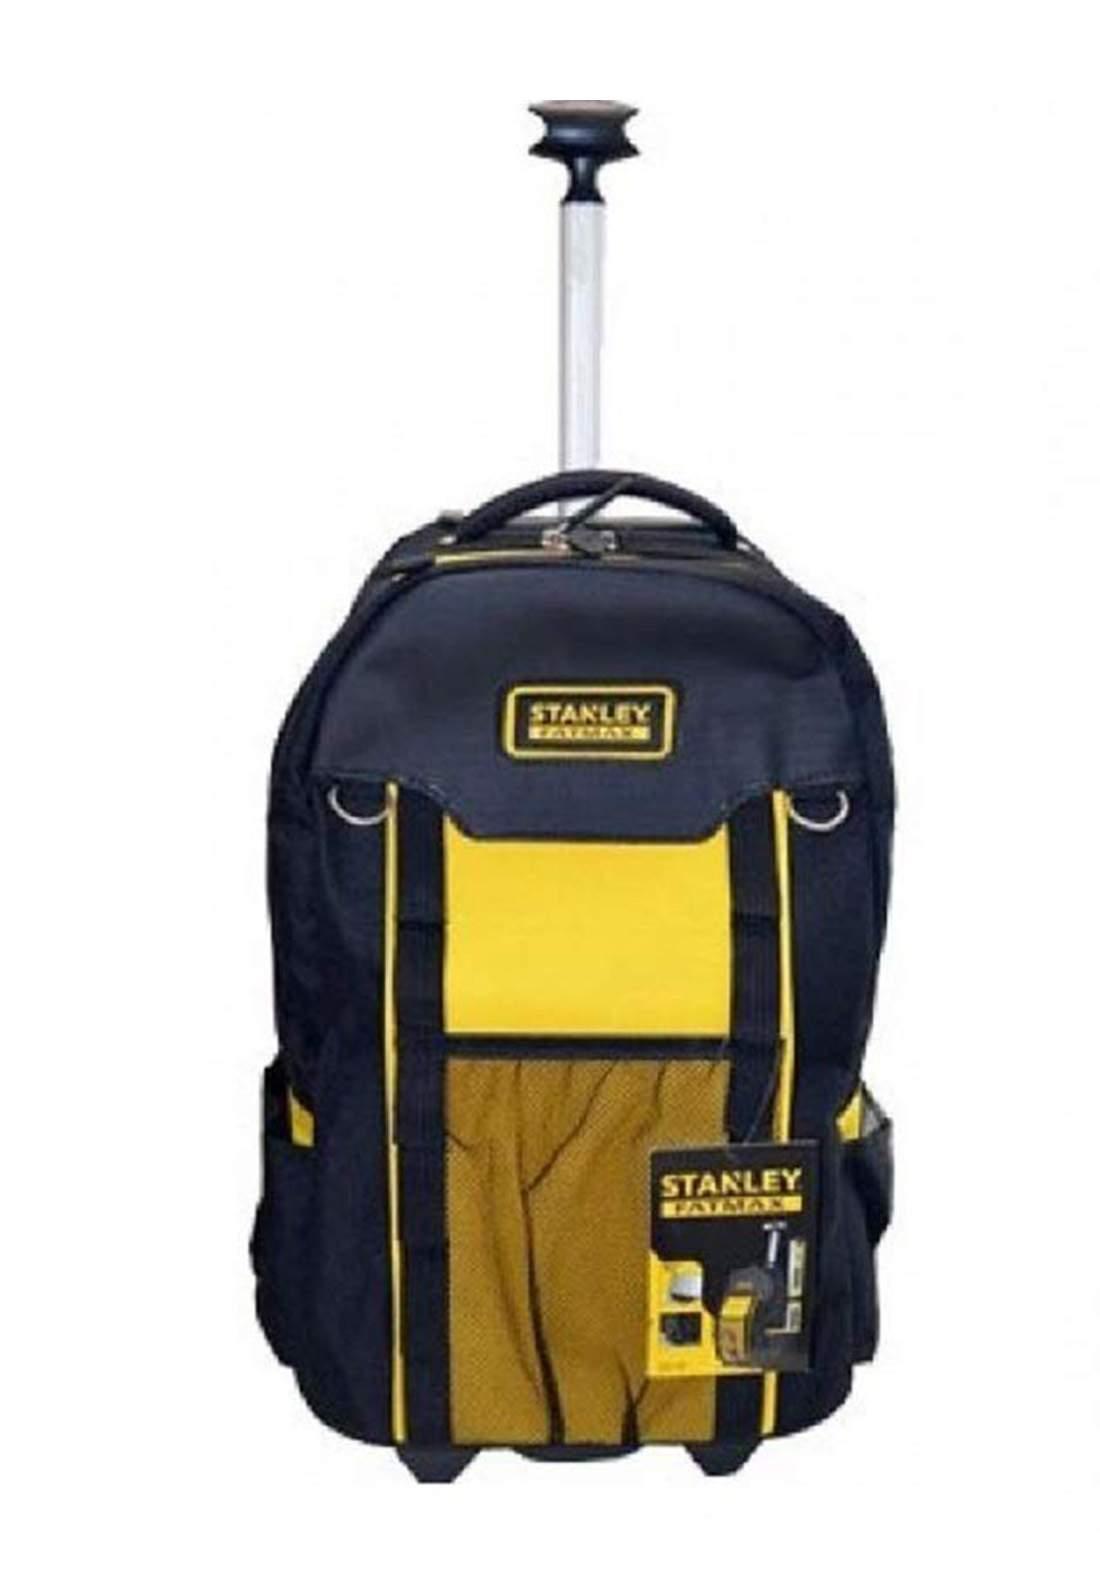 Stanley FMST514196 Tools Bag Backpack حقيبة عدة